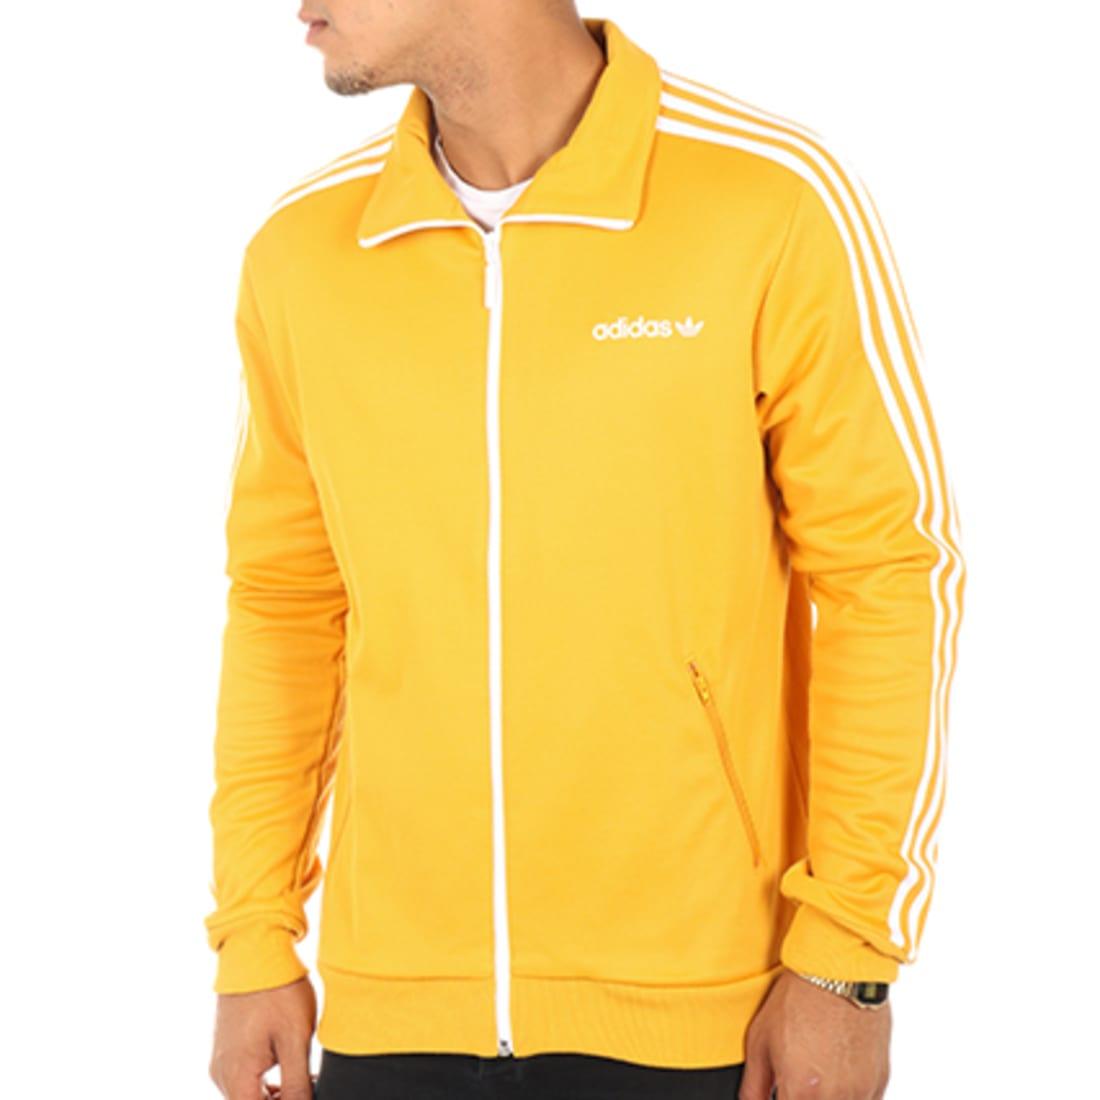 veste adidas homme jaune beckenbauer